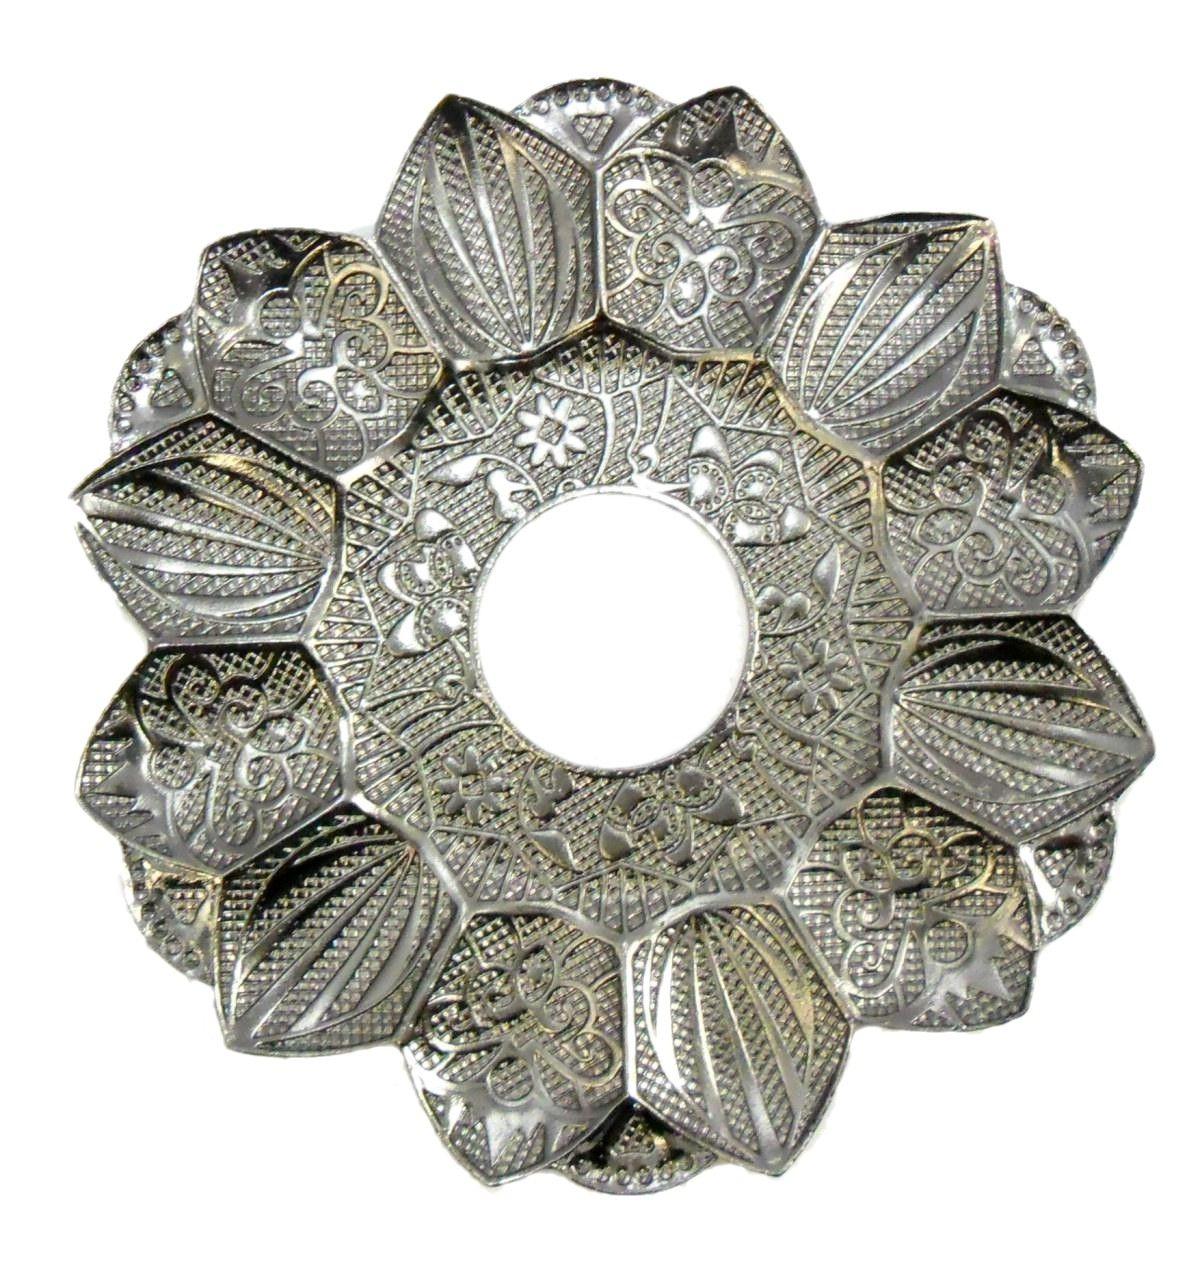 Prato para narguile Yahya, turco, 16,5cm de diâmetro externo e 4,0cm de furo. Preto metálico (fumê)